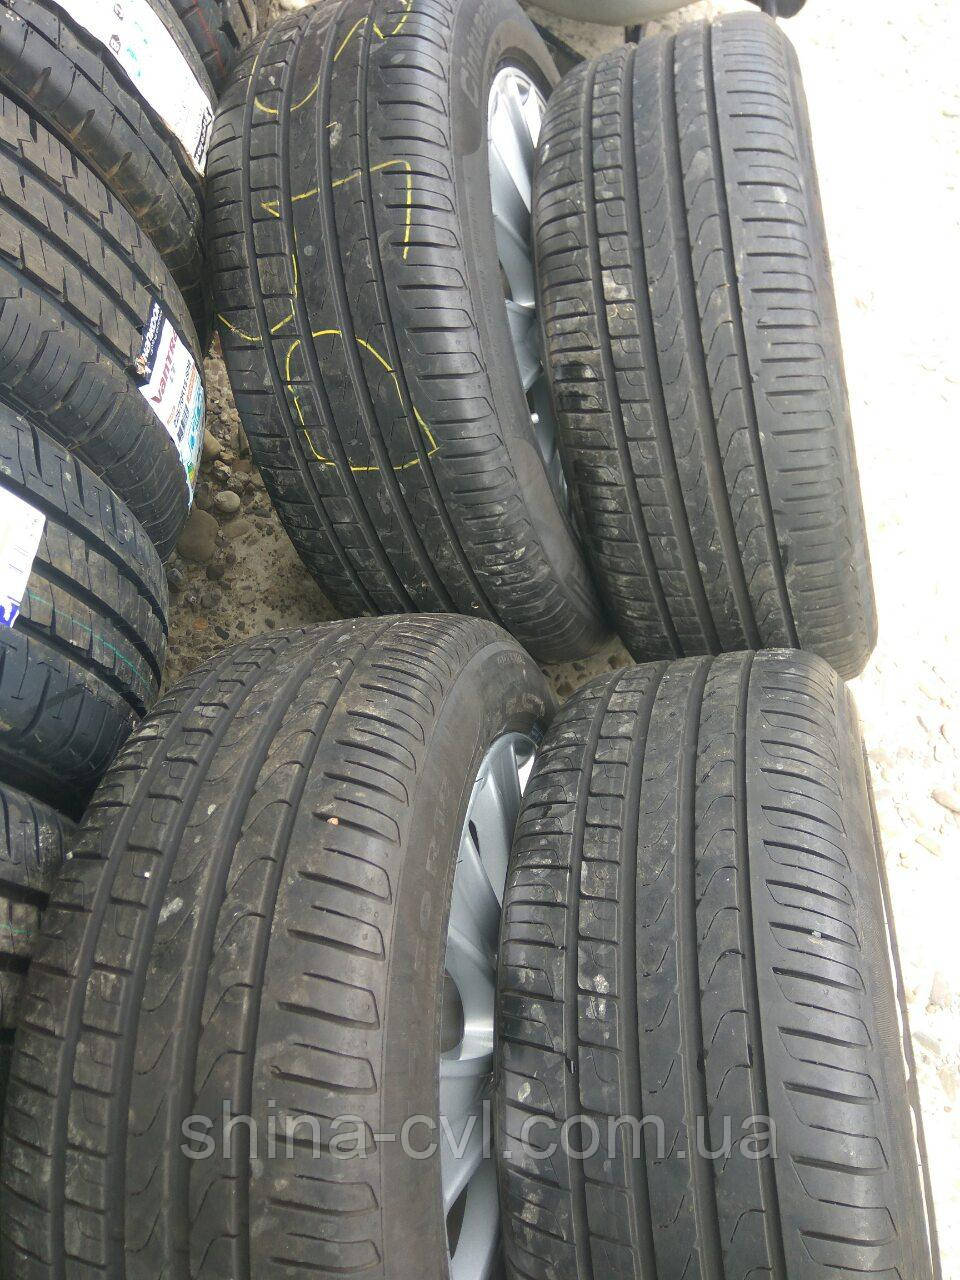 Шини літні Pirelli Cinturato P7 245/50 r18